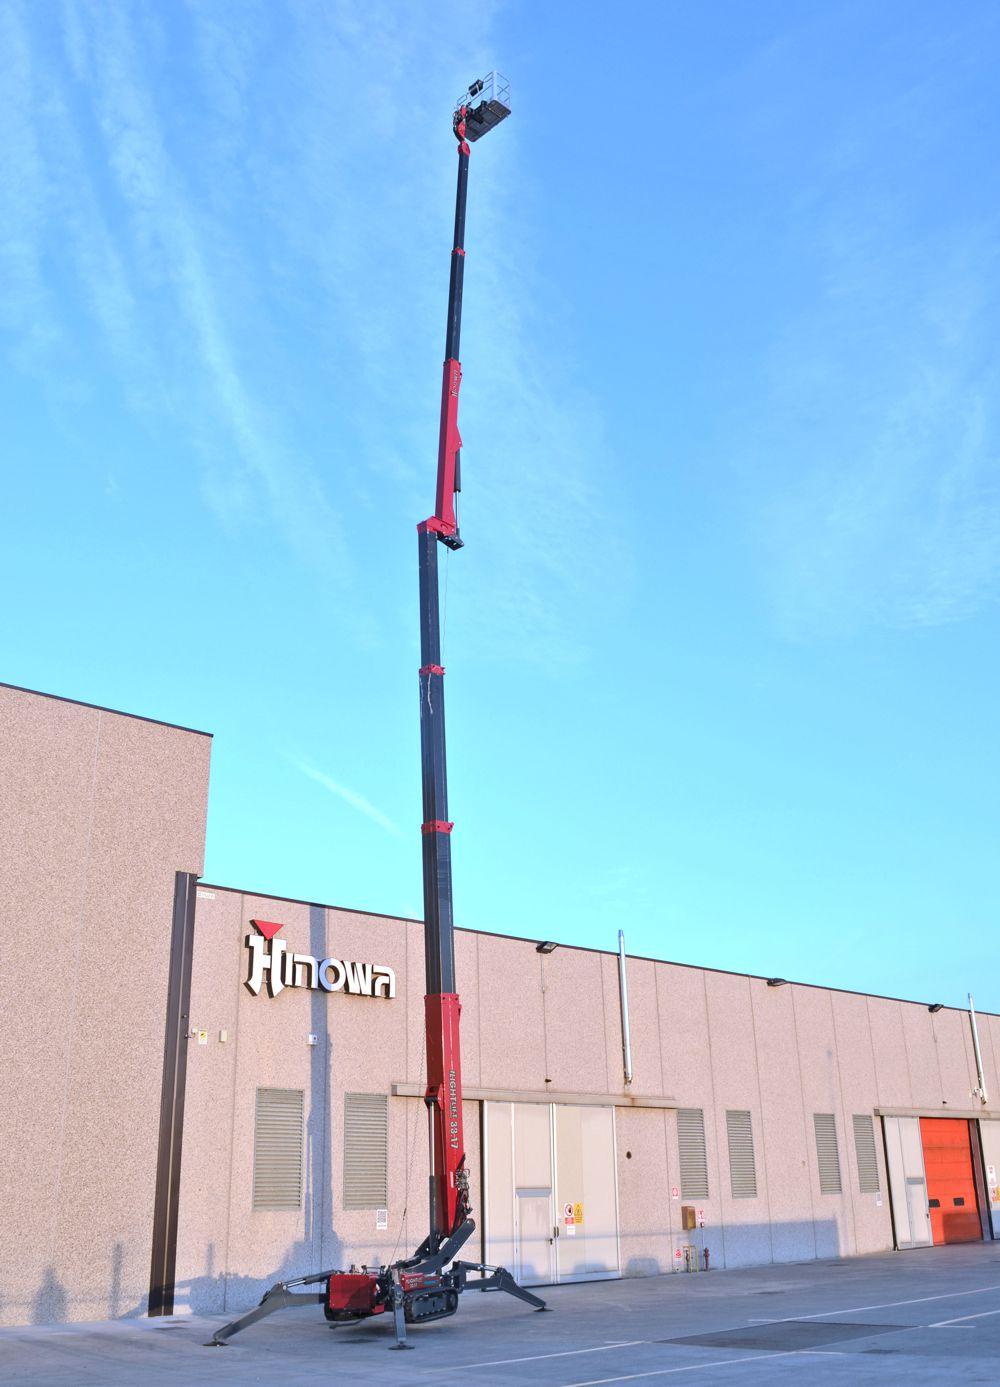 Hinowa Lightlift tracked aerial platform wins Intermat Innovation Award